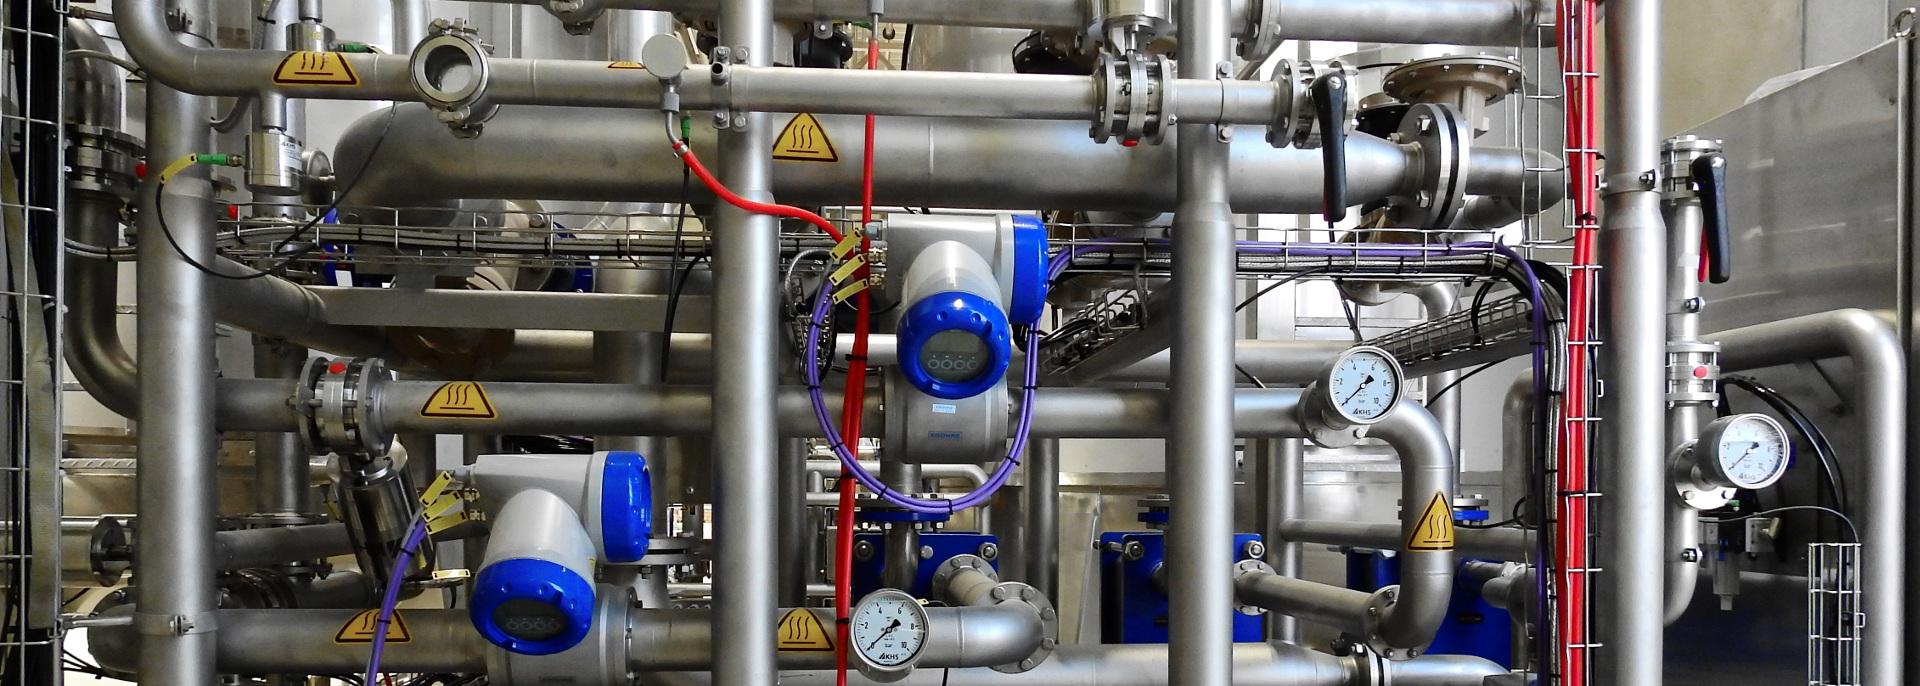 Verifiche di attrezzature di lavoro gruppo GVR gas, vapore, riscaldamento